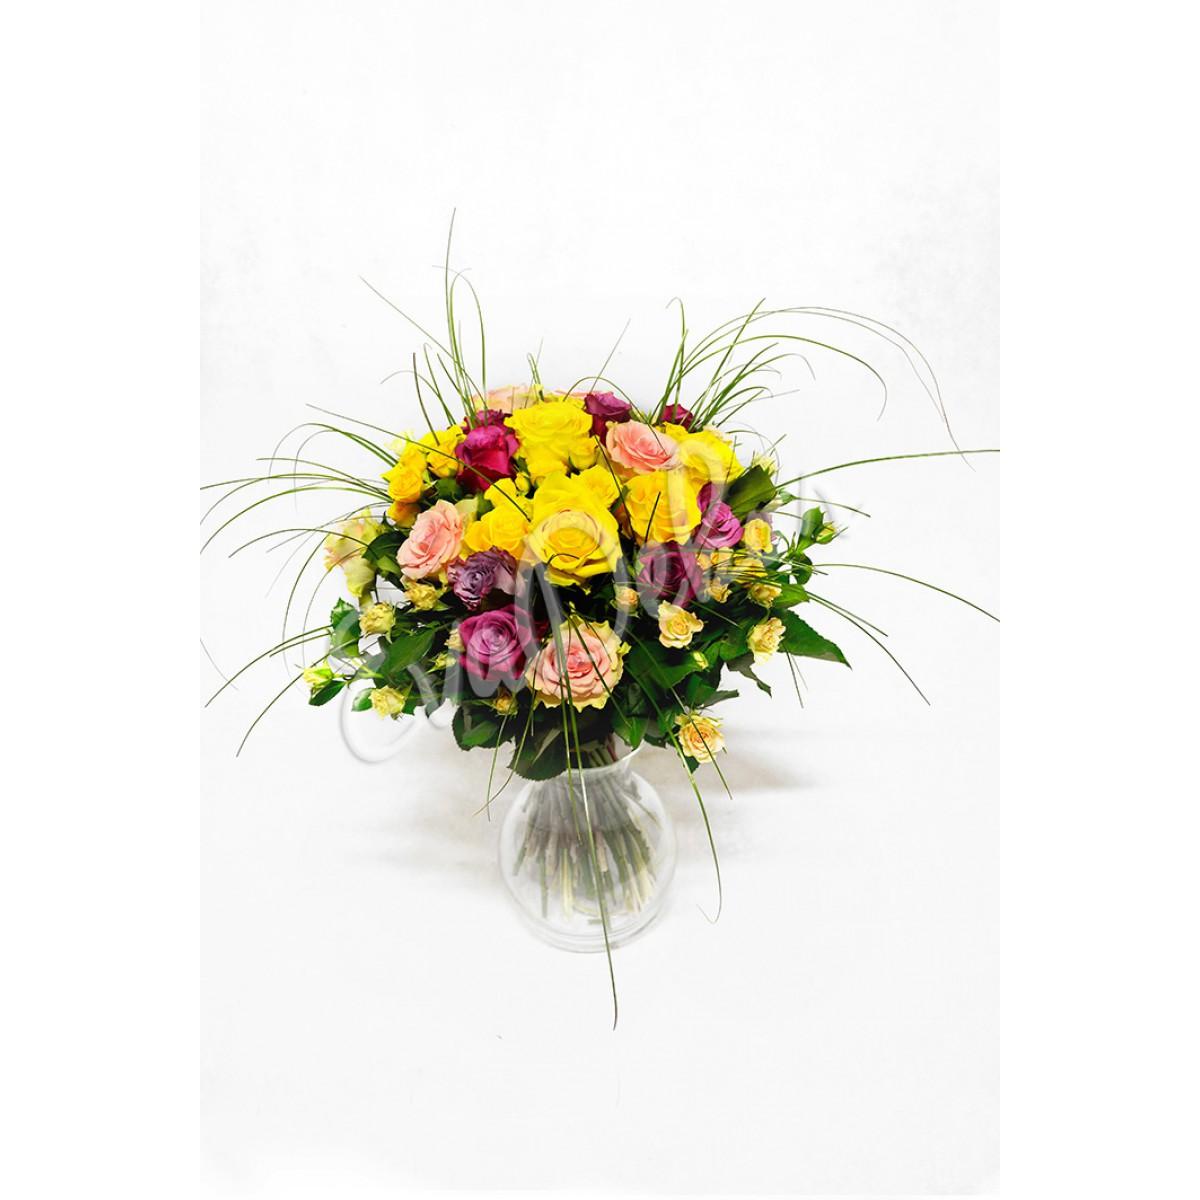 Růže mix barev - Evadekor.cz rozvoz květin